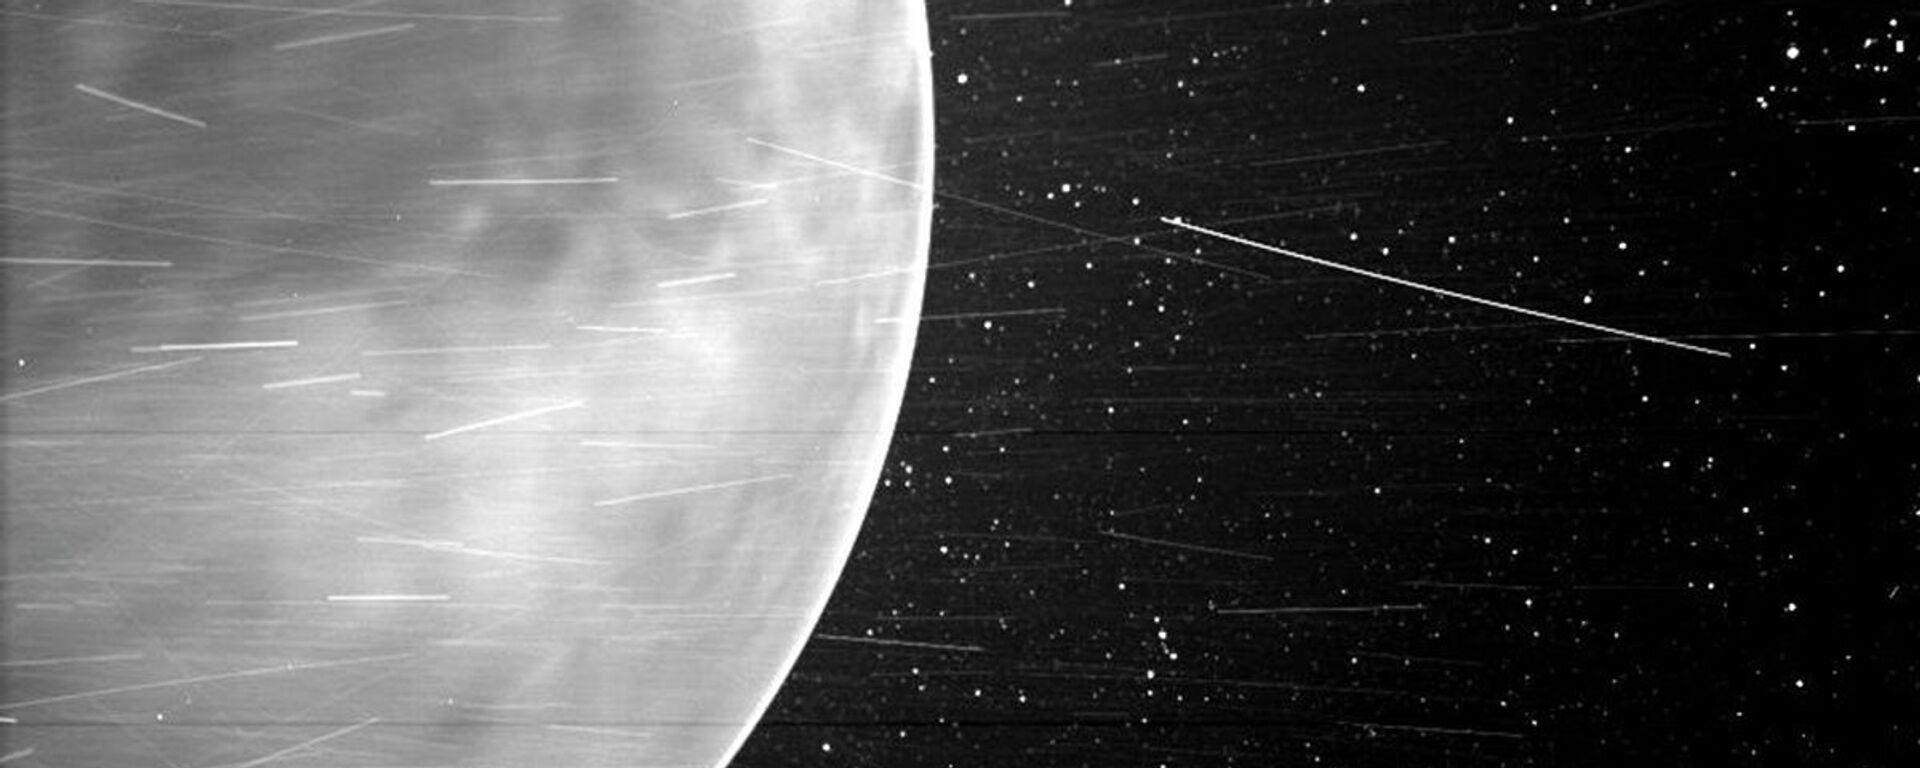 Během těsného průletu nad Venuší v červenci 2020 zachytila sluneční sonda Parker úchvatné výhledy na planetu a ukázala části jejího povrchu. Poprvé se podařilo zachytit na snímku noční záři v atmosféře Venuše. - Sputnik Česká republika, 1920, 19.04.2021